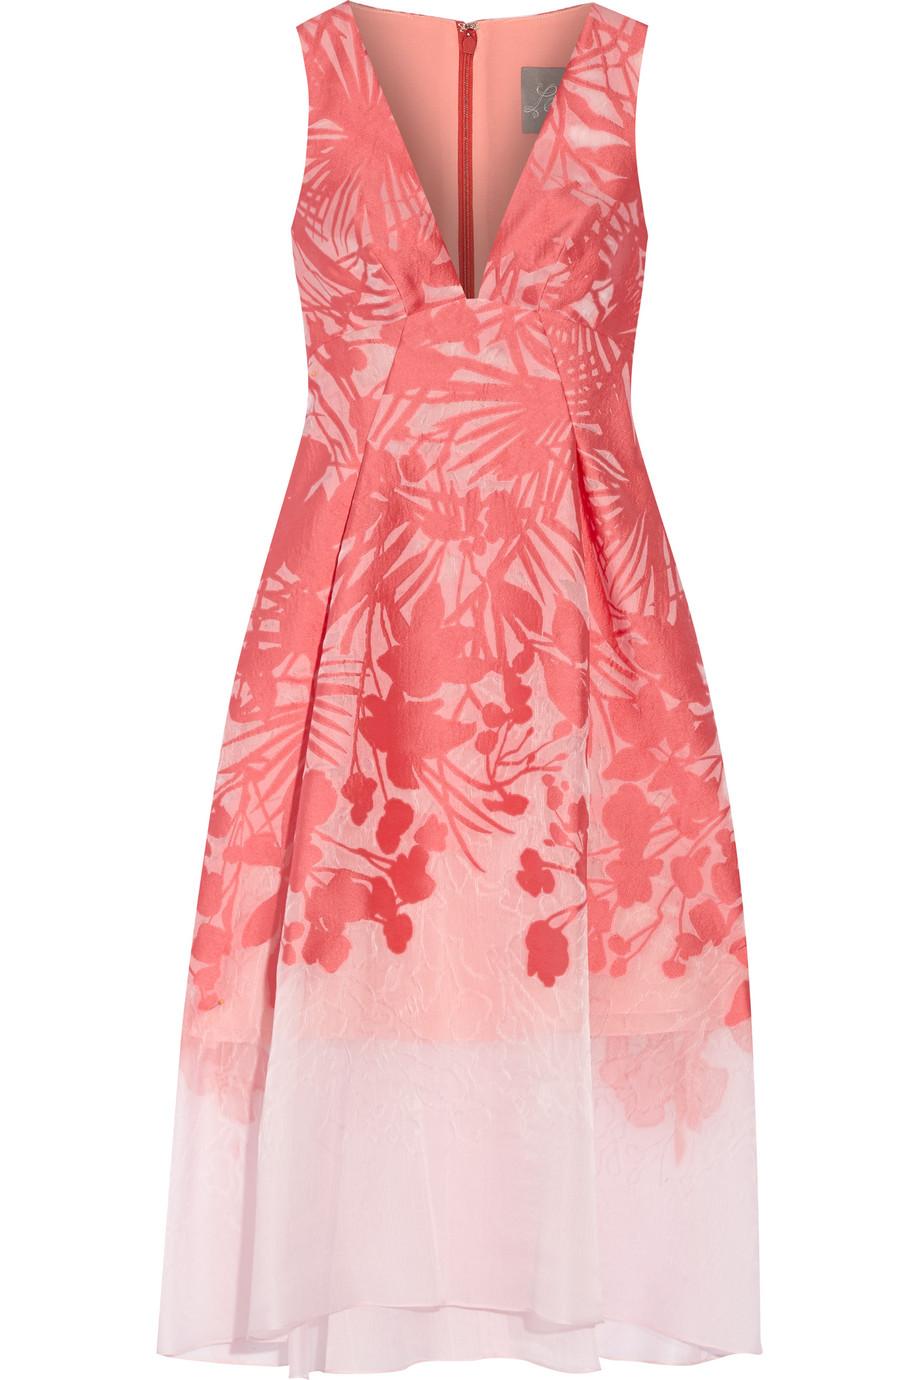 Lela Rose Floral Organza-Jacquard Dress, Coral/Blush, Women's, Size: 14